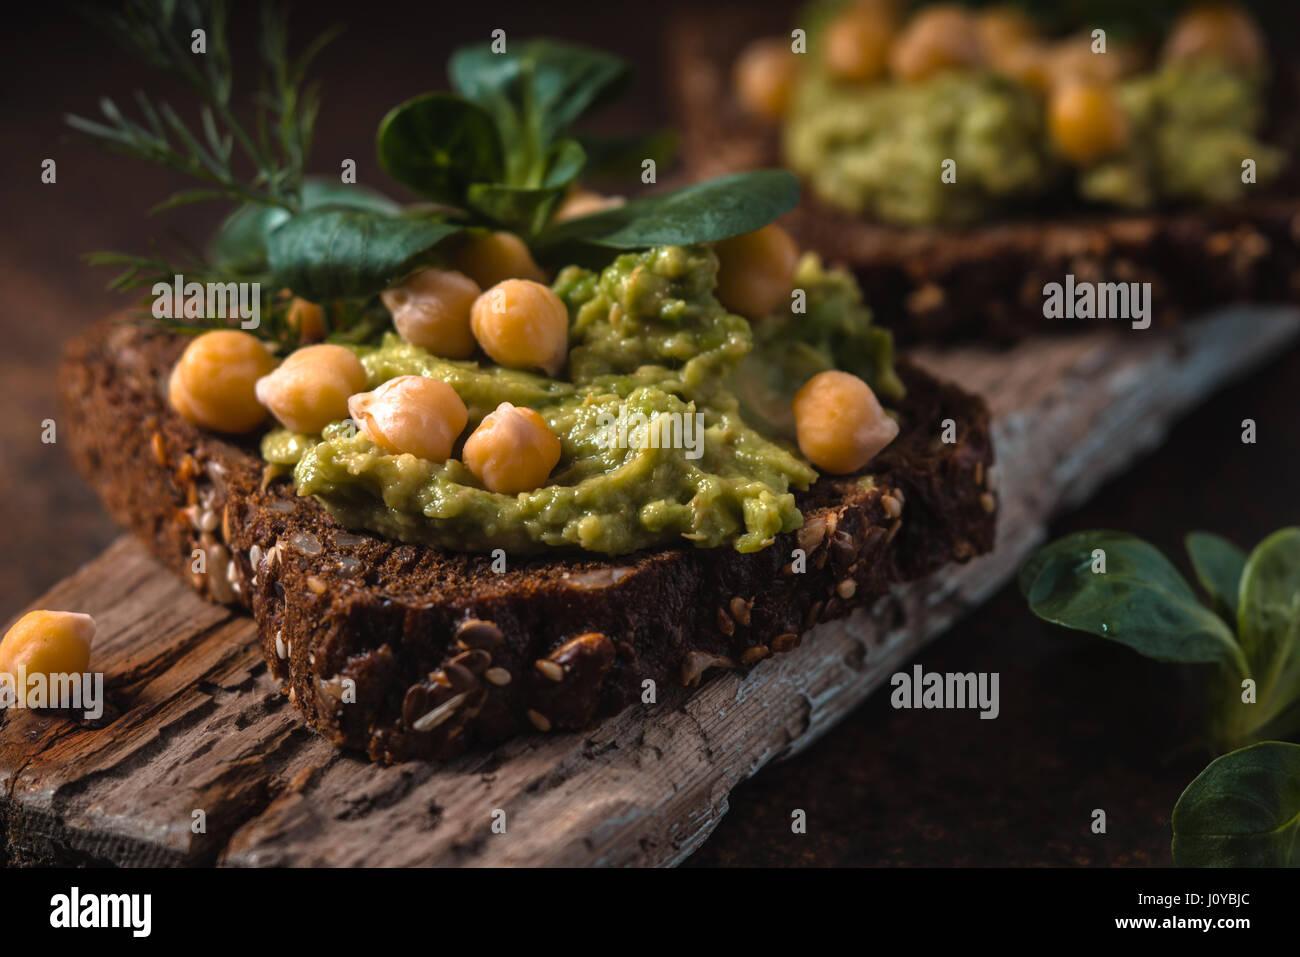 Aprire sandwich con crema di avocado e verdi sul pannello di legno Immagini Stock